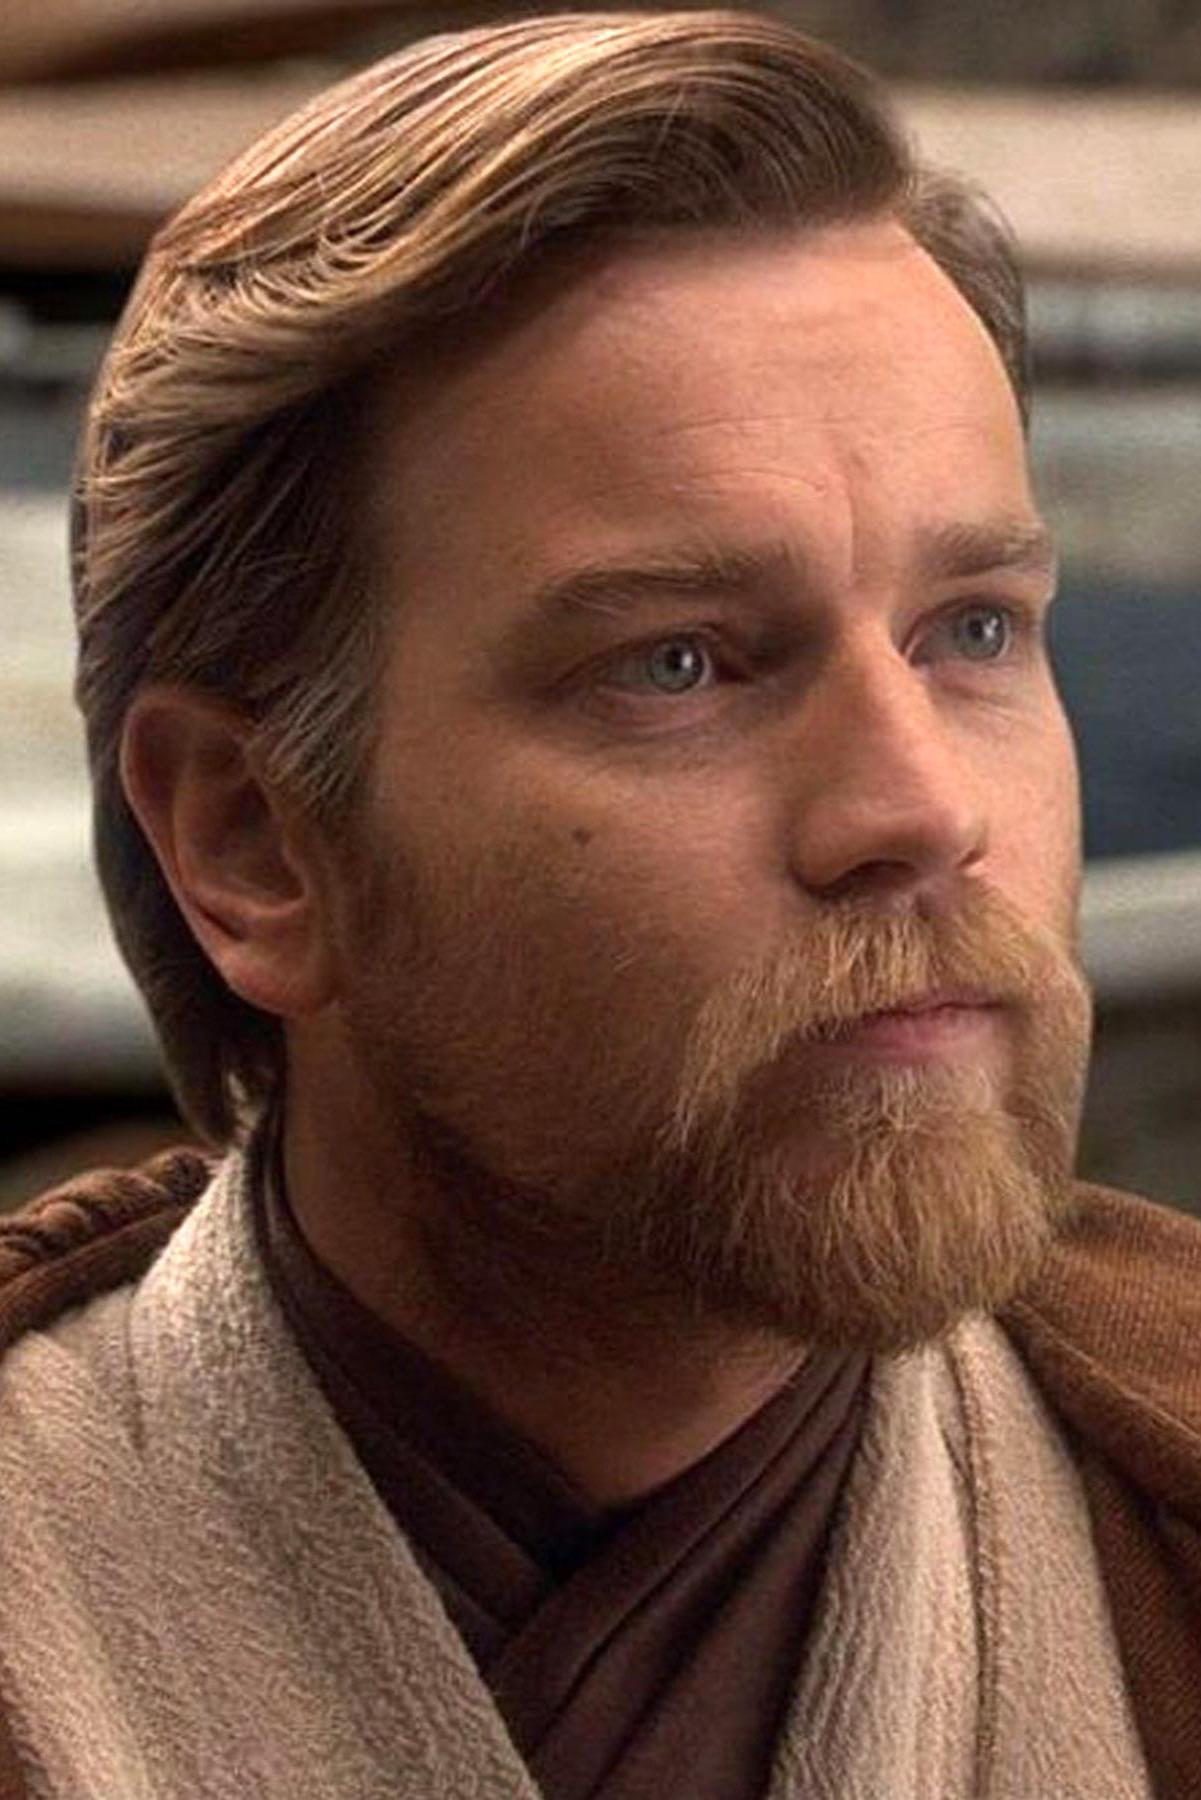 Obi Wlan Kenobi